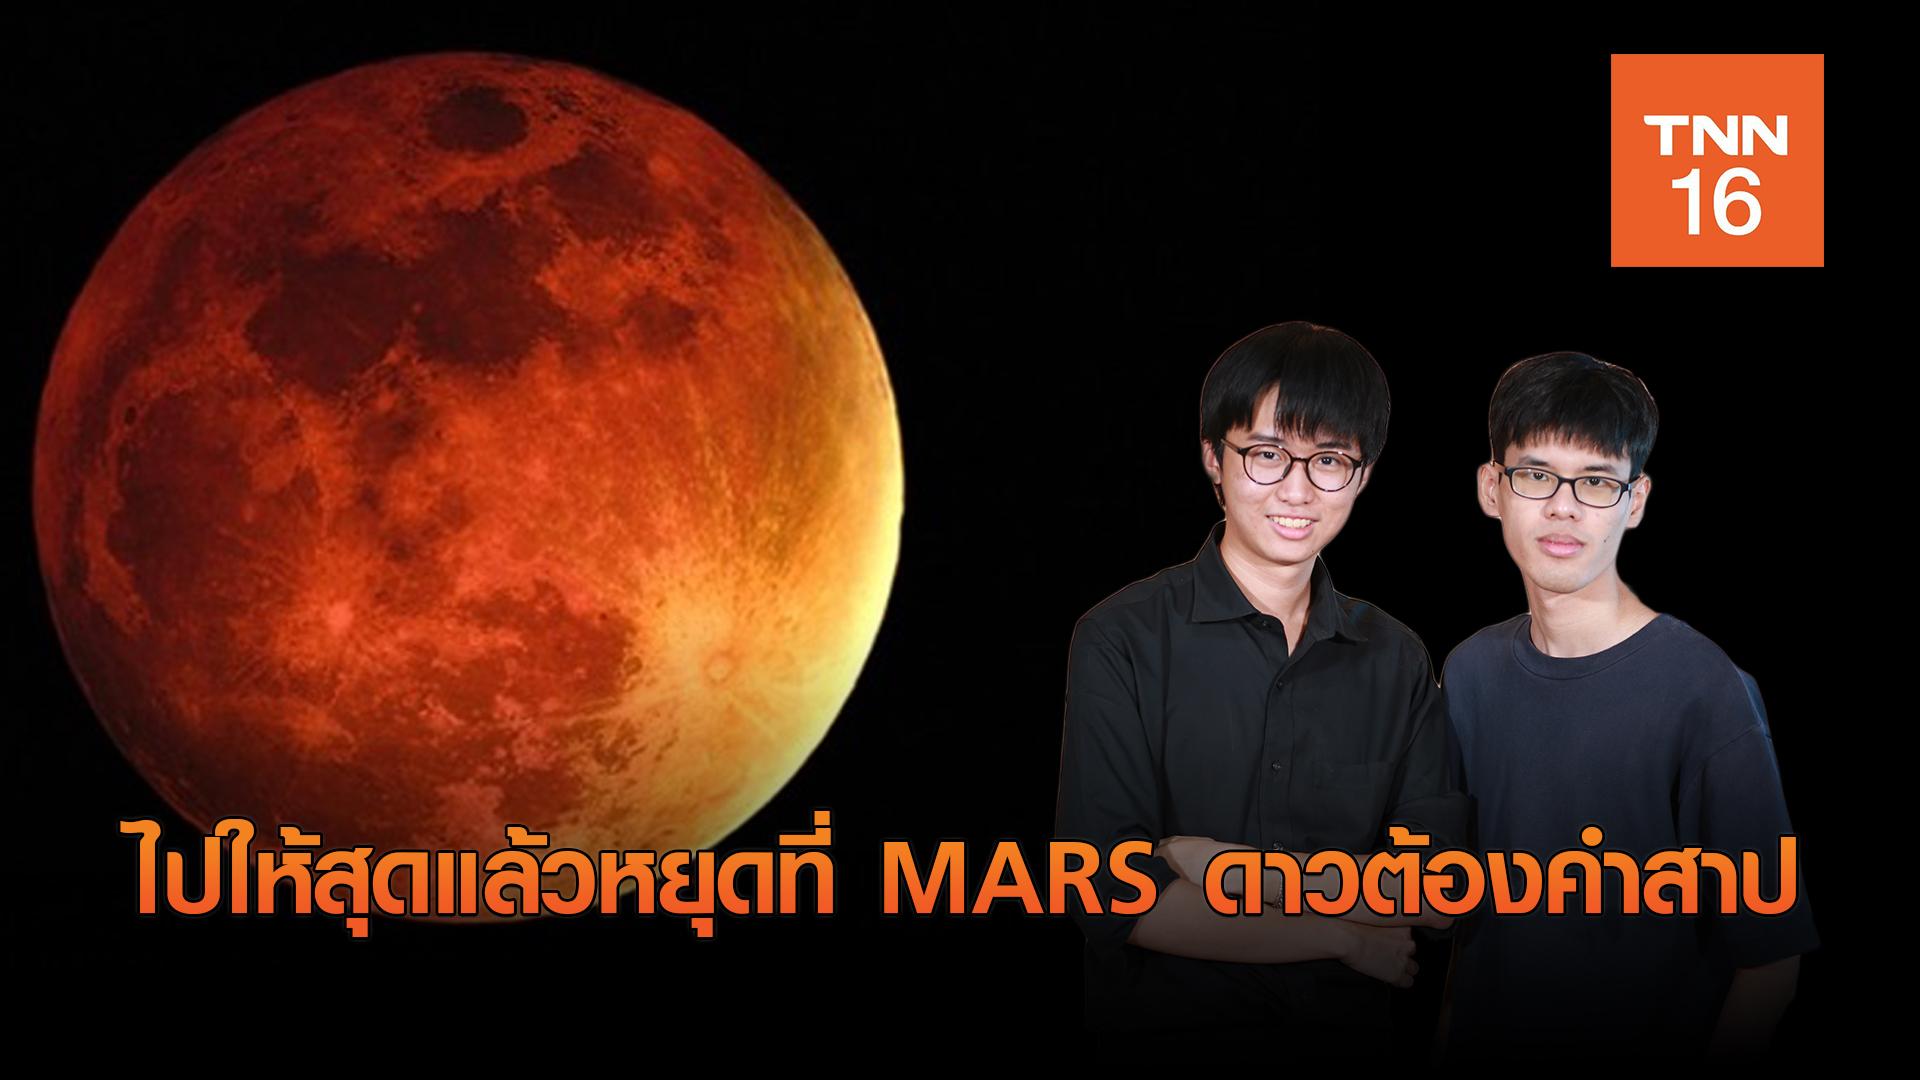 ไปให้สุดแล้วหยุดที่ MARS ดาวต้องคำสาป (มีคลิป)